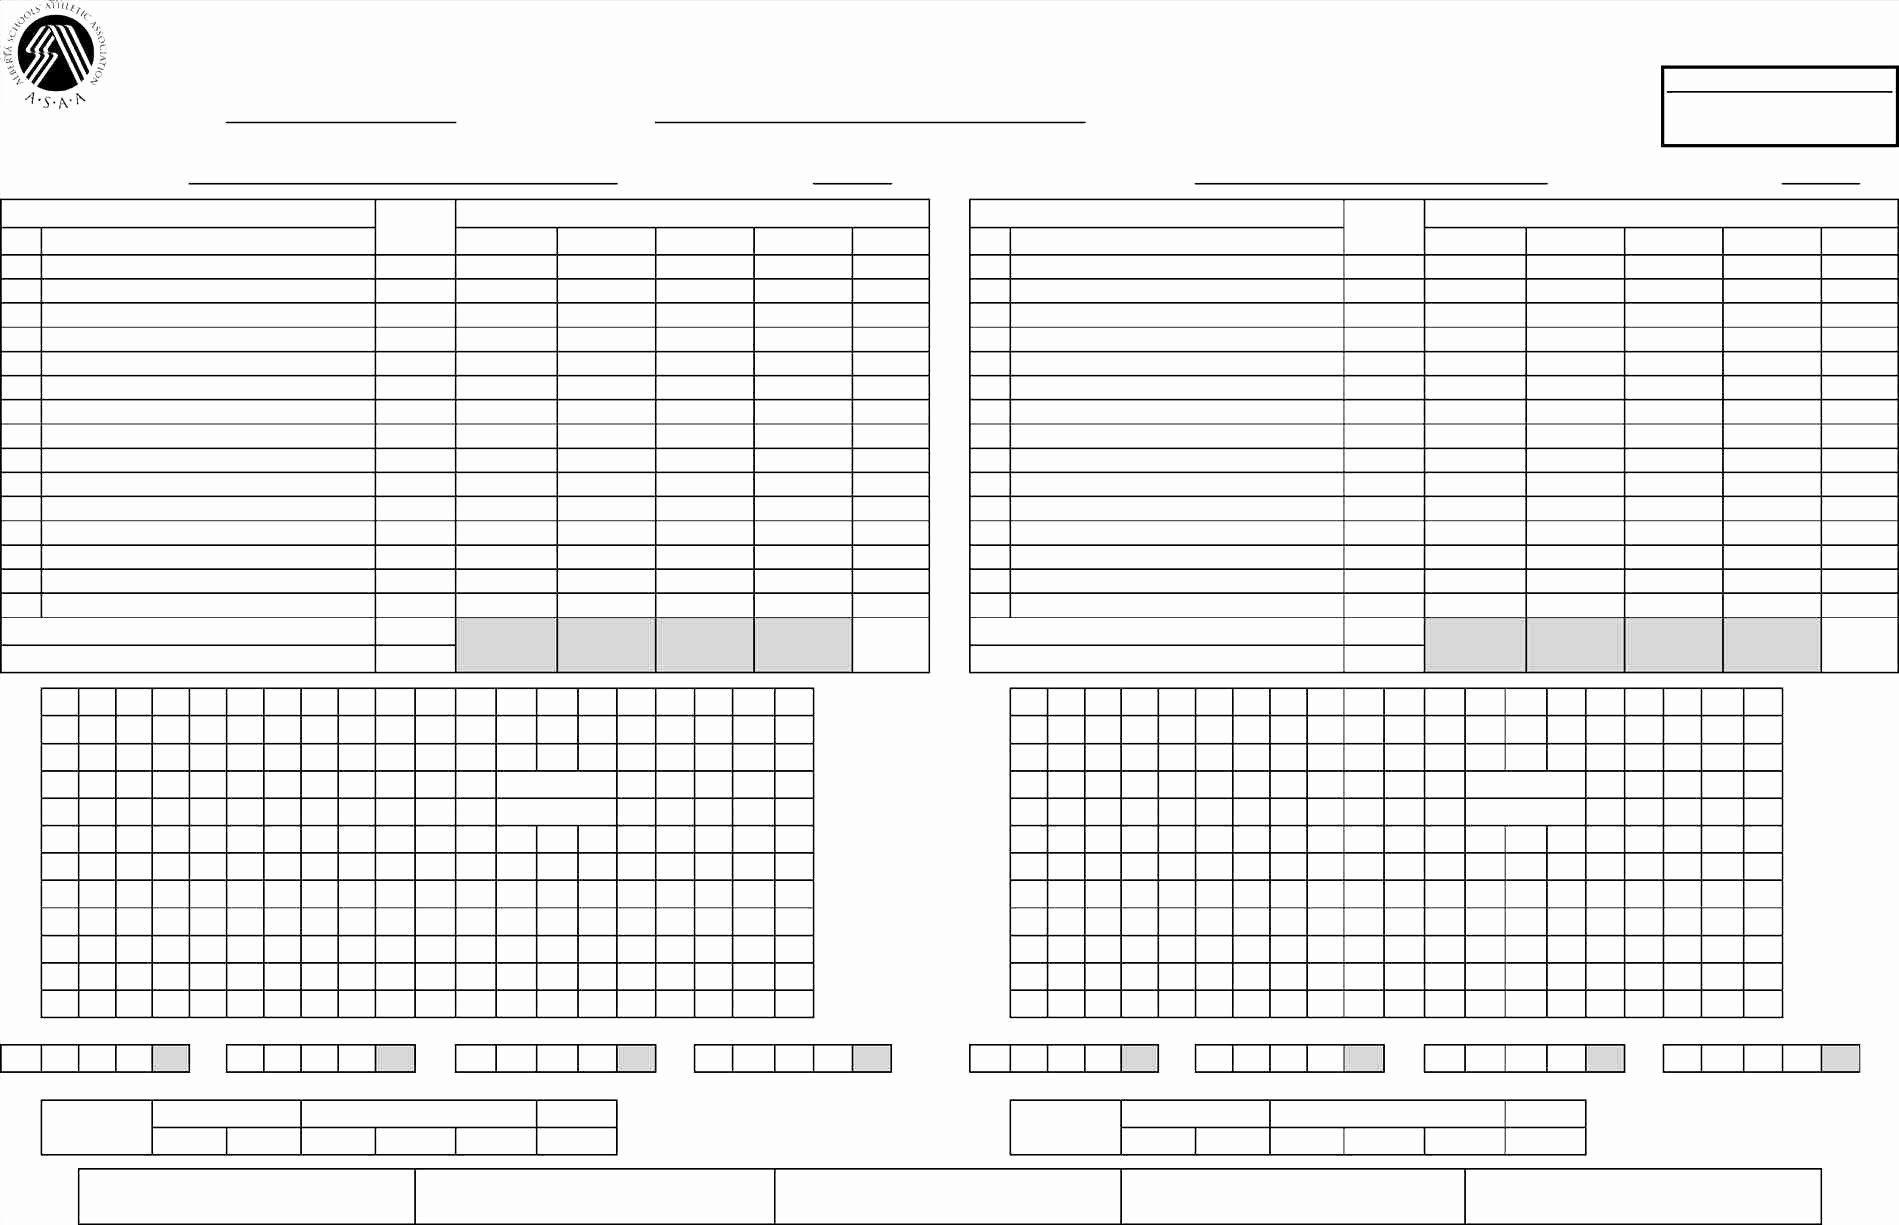 New Soccer Depth Chart Template Exceltemplate Xls Xlstemplate Xlsformat Excelformat Microsoftexcel Depth Chart Templates Card Template